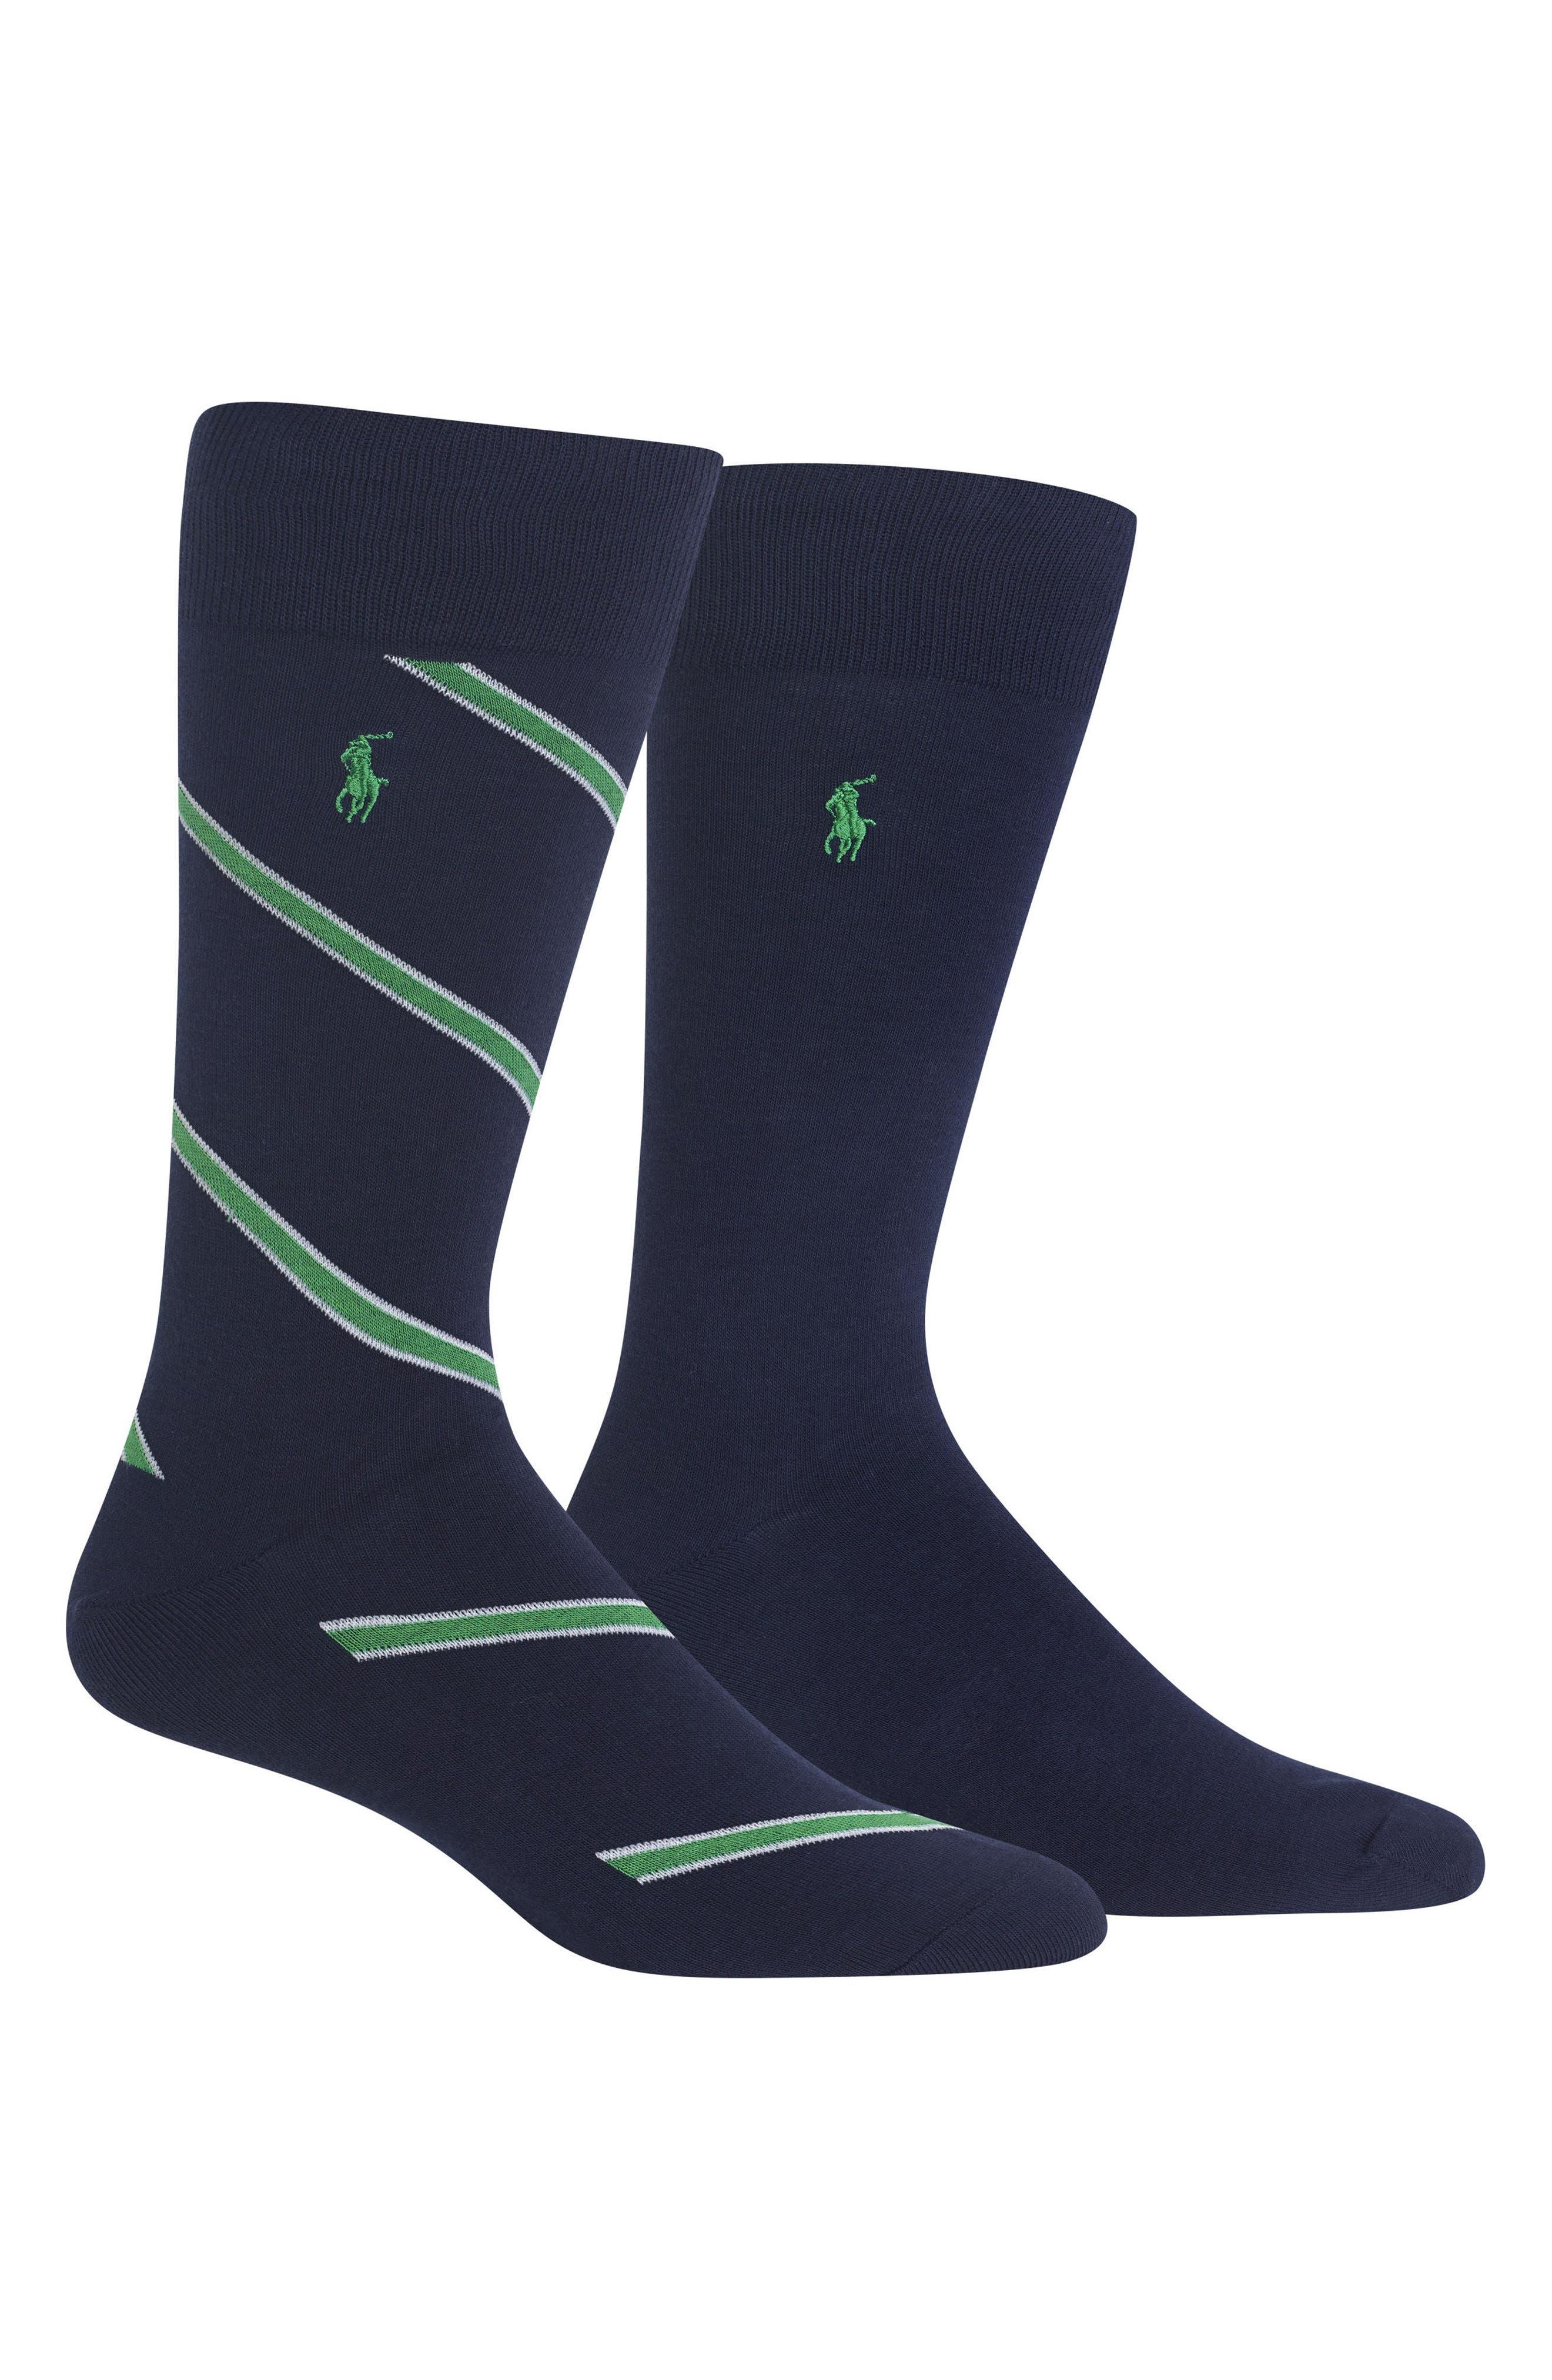 Ralph Lauren 2-Pack Socks,                             Main thumbnail 1, color,                             Navy